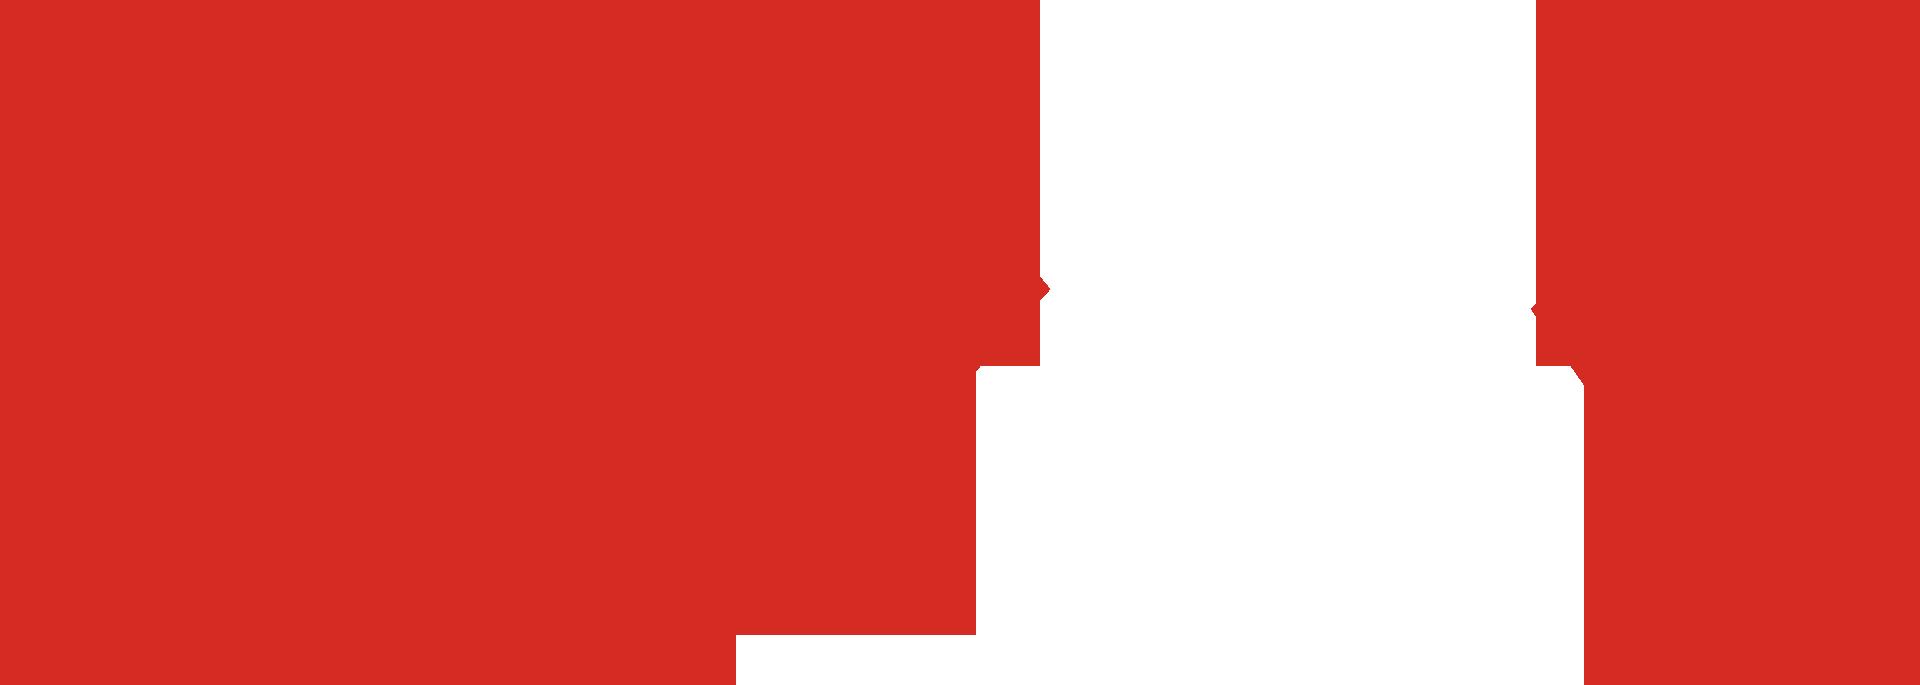 Red Slide cross